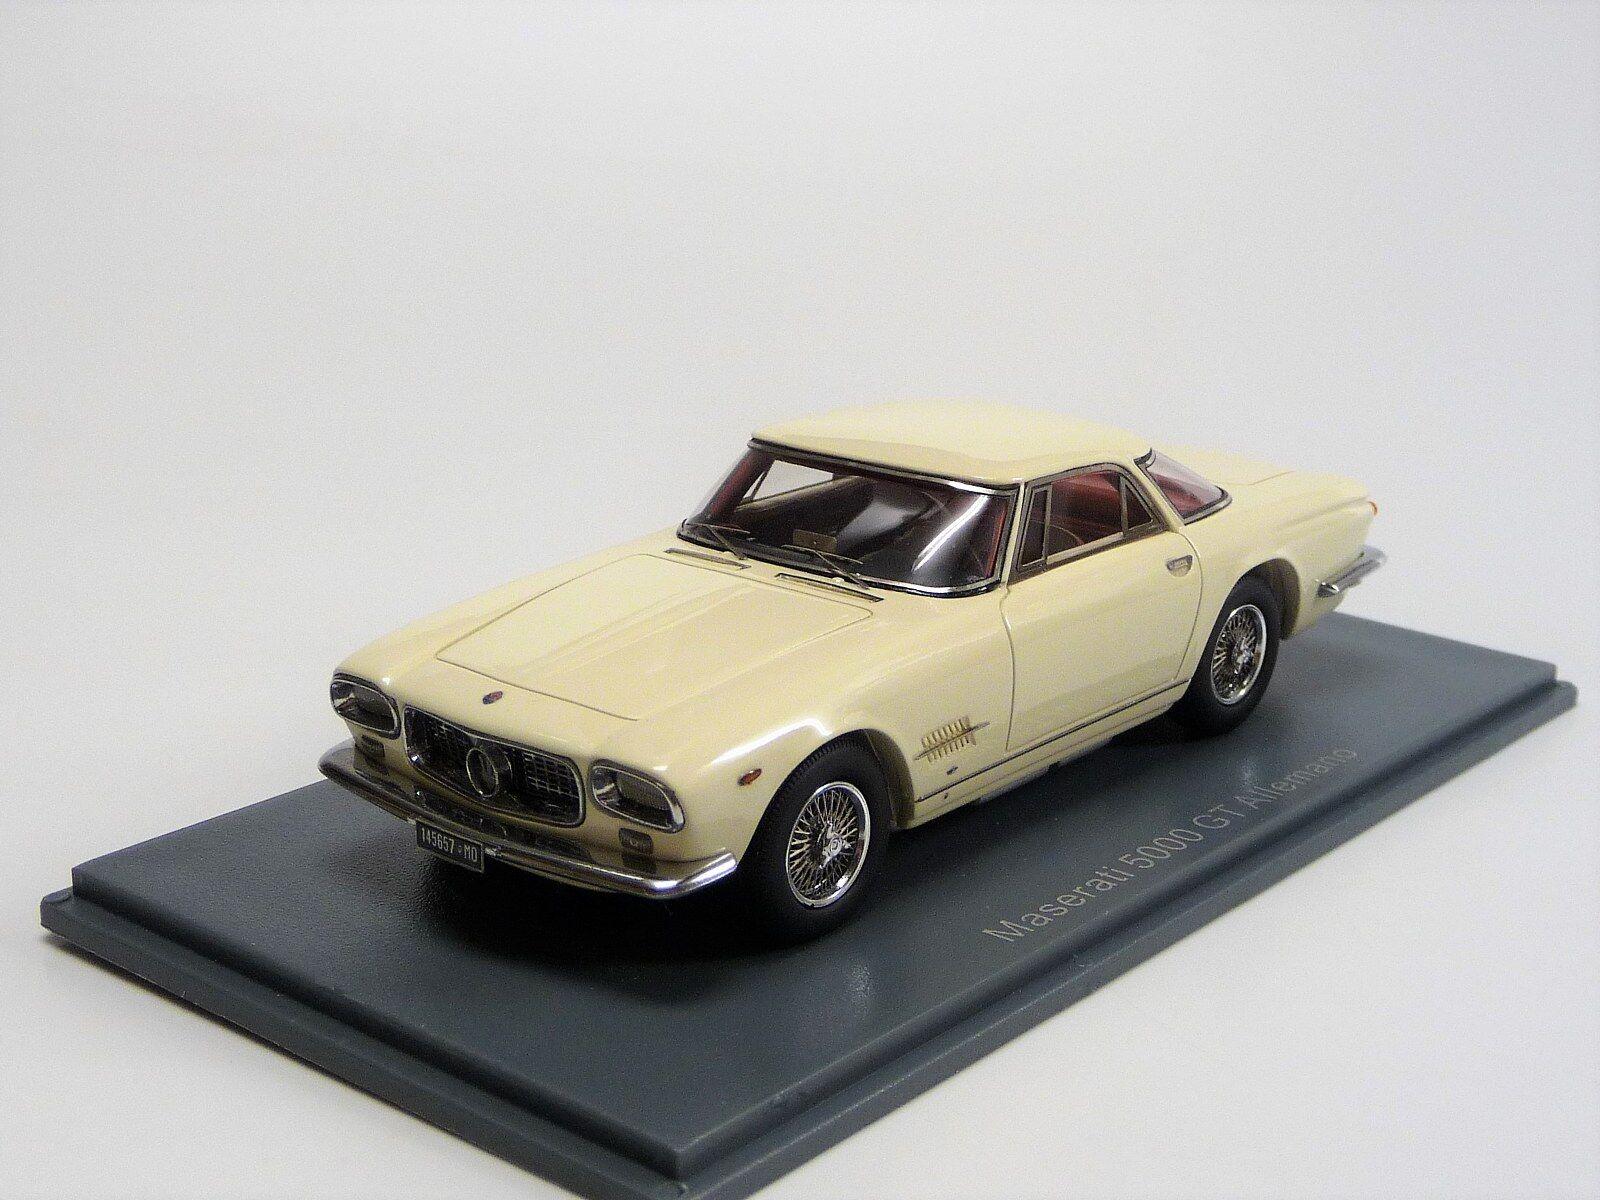 Maserati 5000 GT ALLEMANO Beige neo45657 New in Original Box 1 43